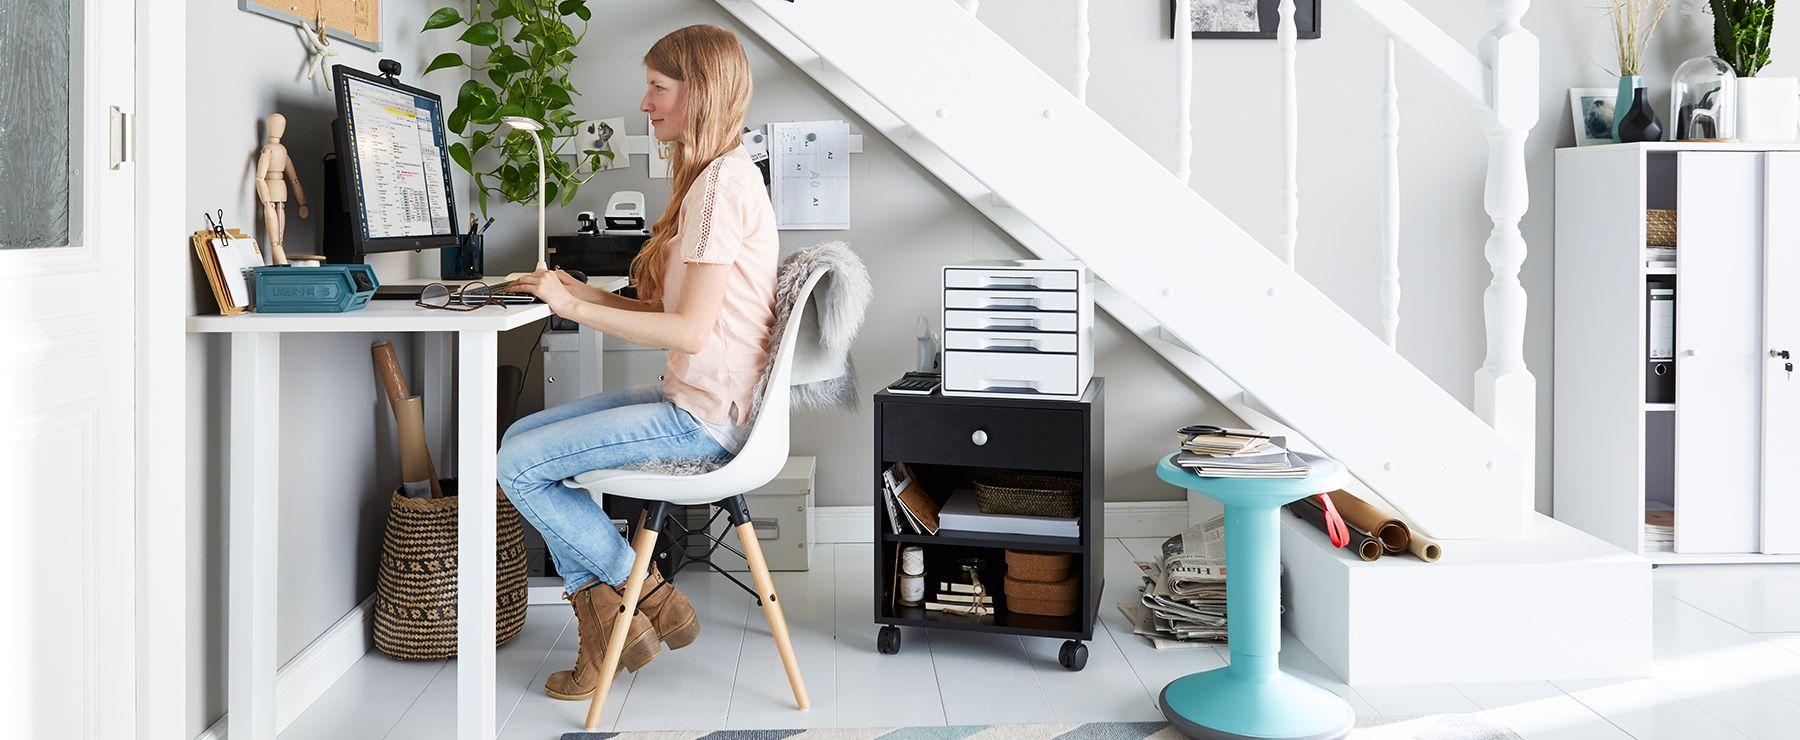 Frau arbeitet im Homeoffice in einem kleinen Raum mit Schreibtisch, Hocker und Rollcontainer